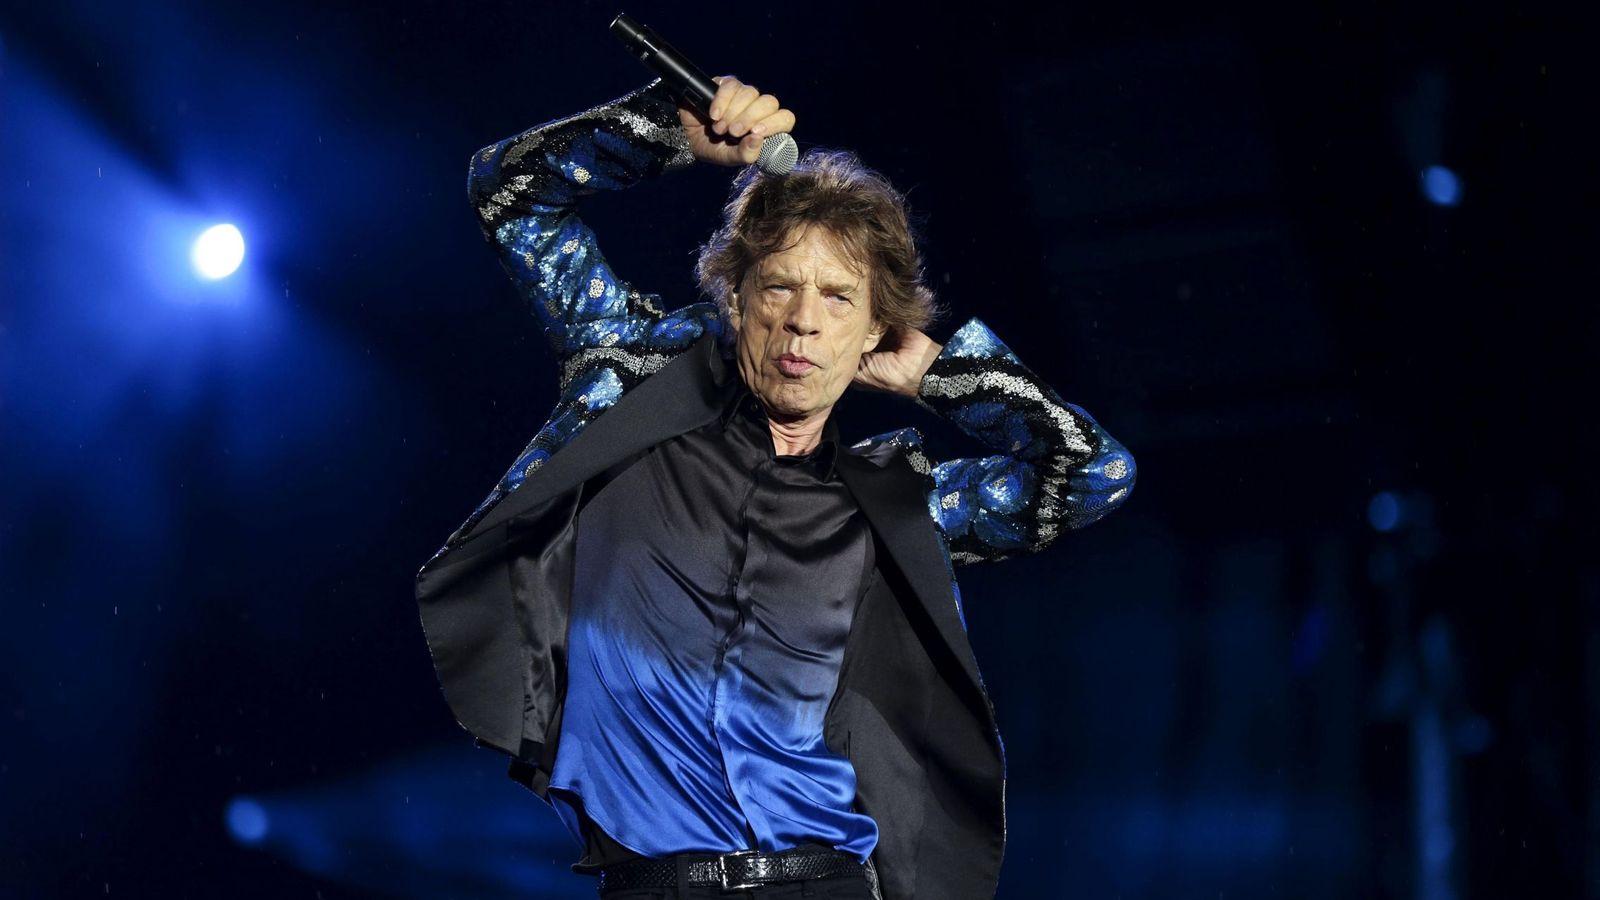 Foto: Mick Jgger durante un concierto de los Rolling Stones. (Reuters)